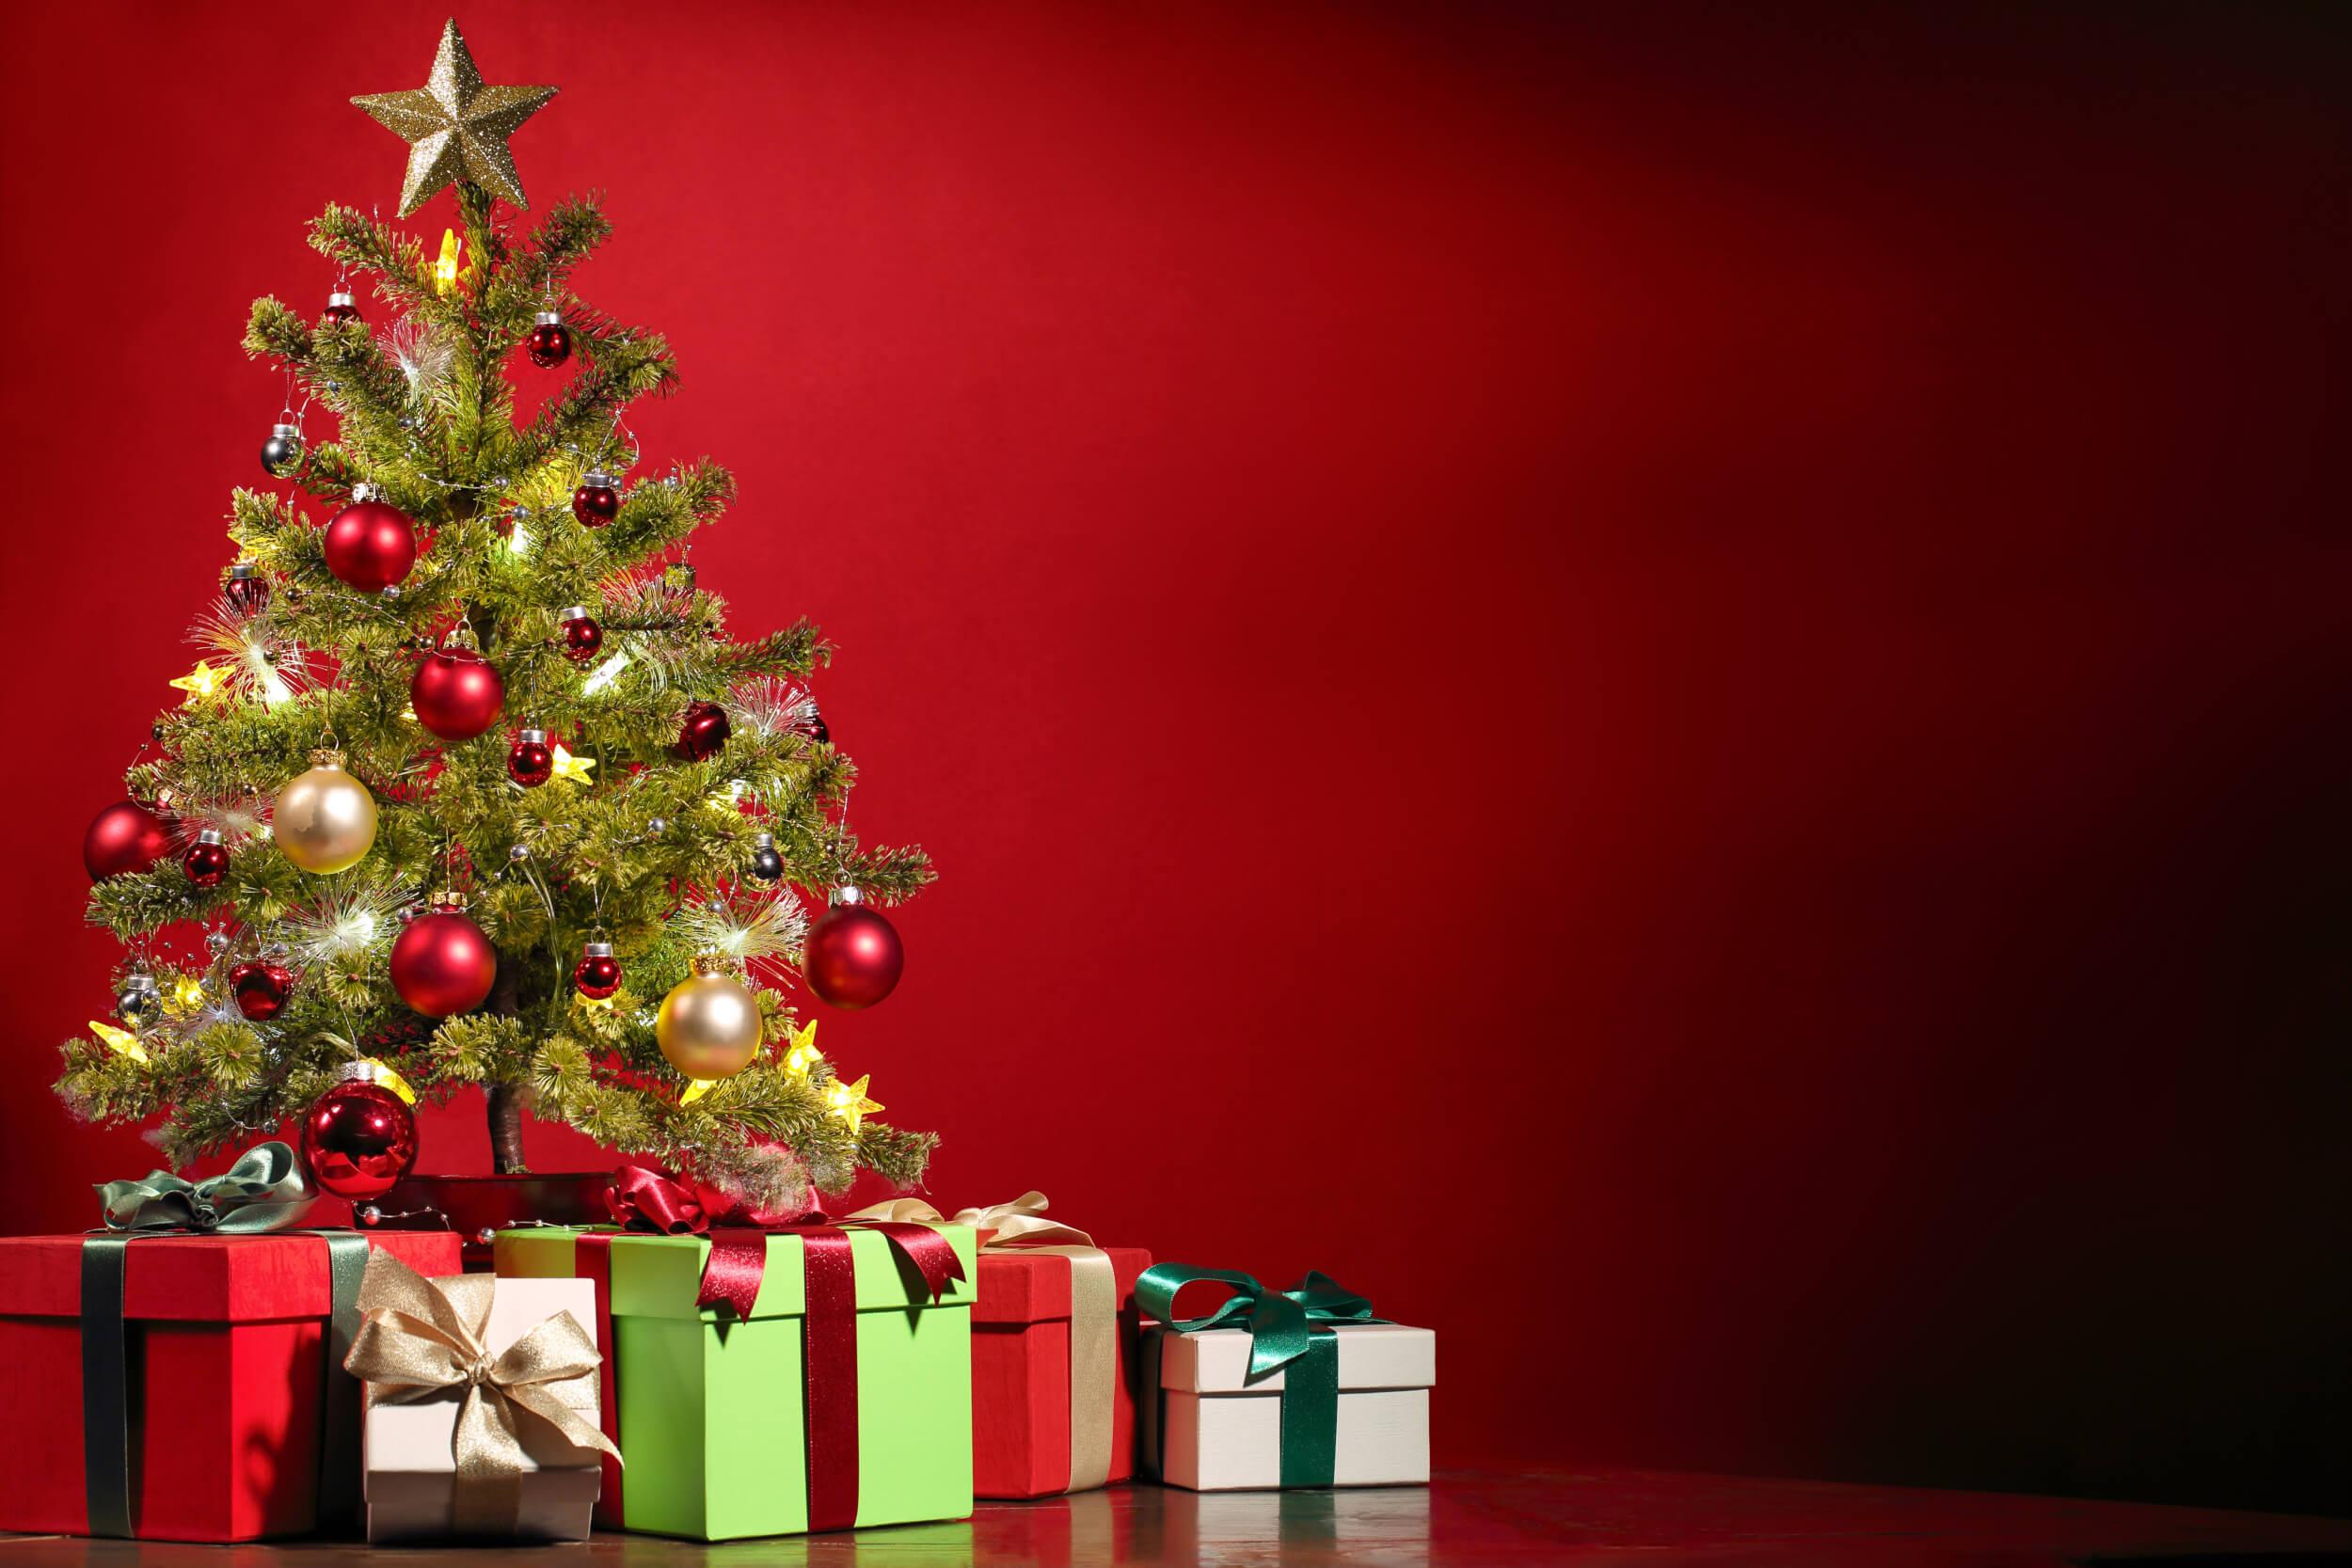 Weihnachtsbaum mit Geschenken (c) pexels / pixabay.de